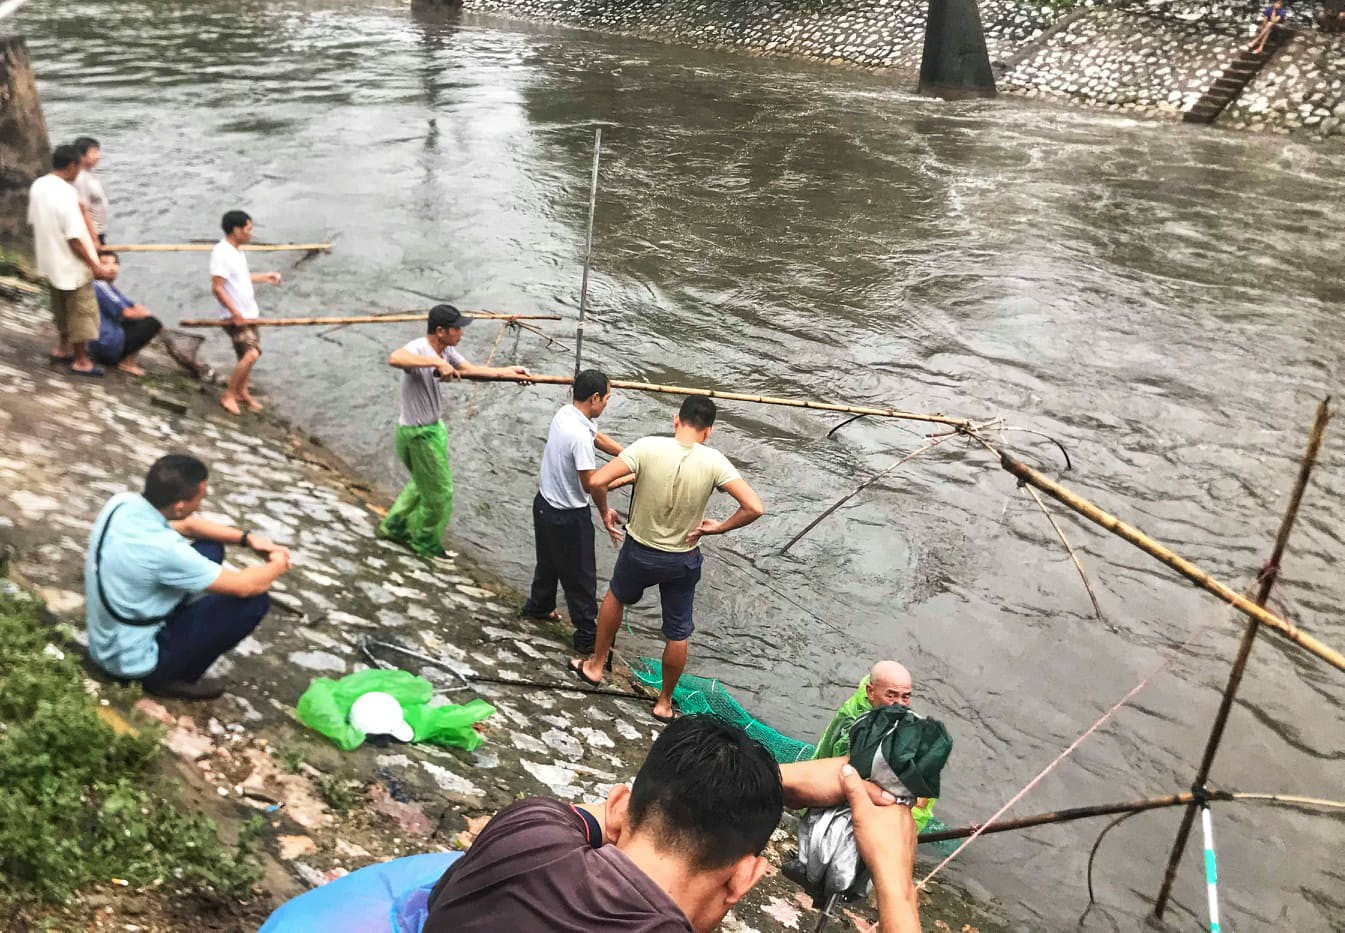 Hà Nội mưa như trút nước, người khốn khổ tát nước từ nhà ra sân, người hăng hái ra kênh bắt cá-14